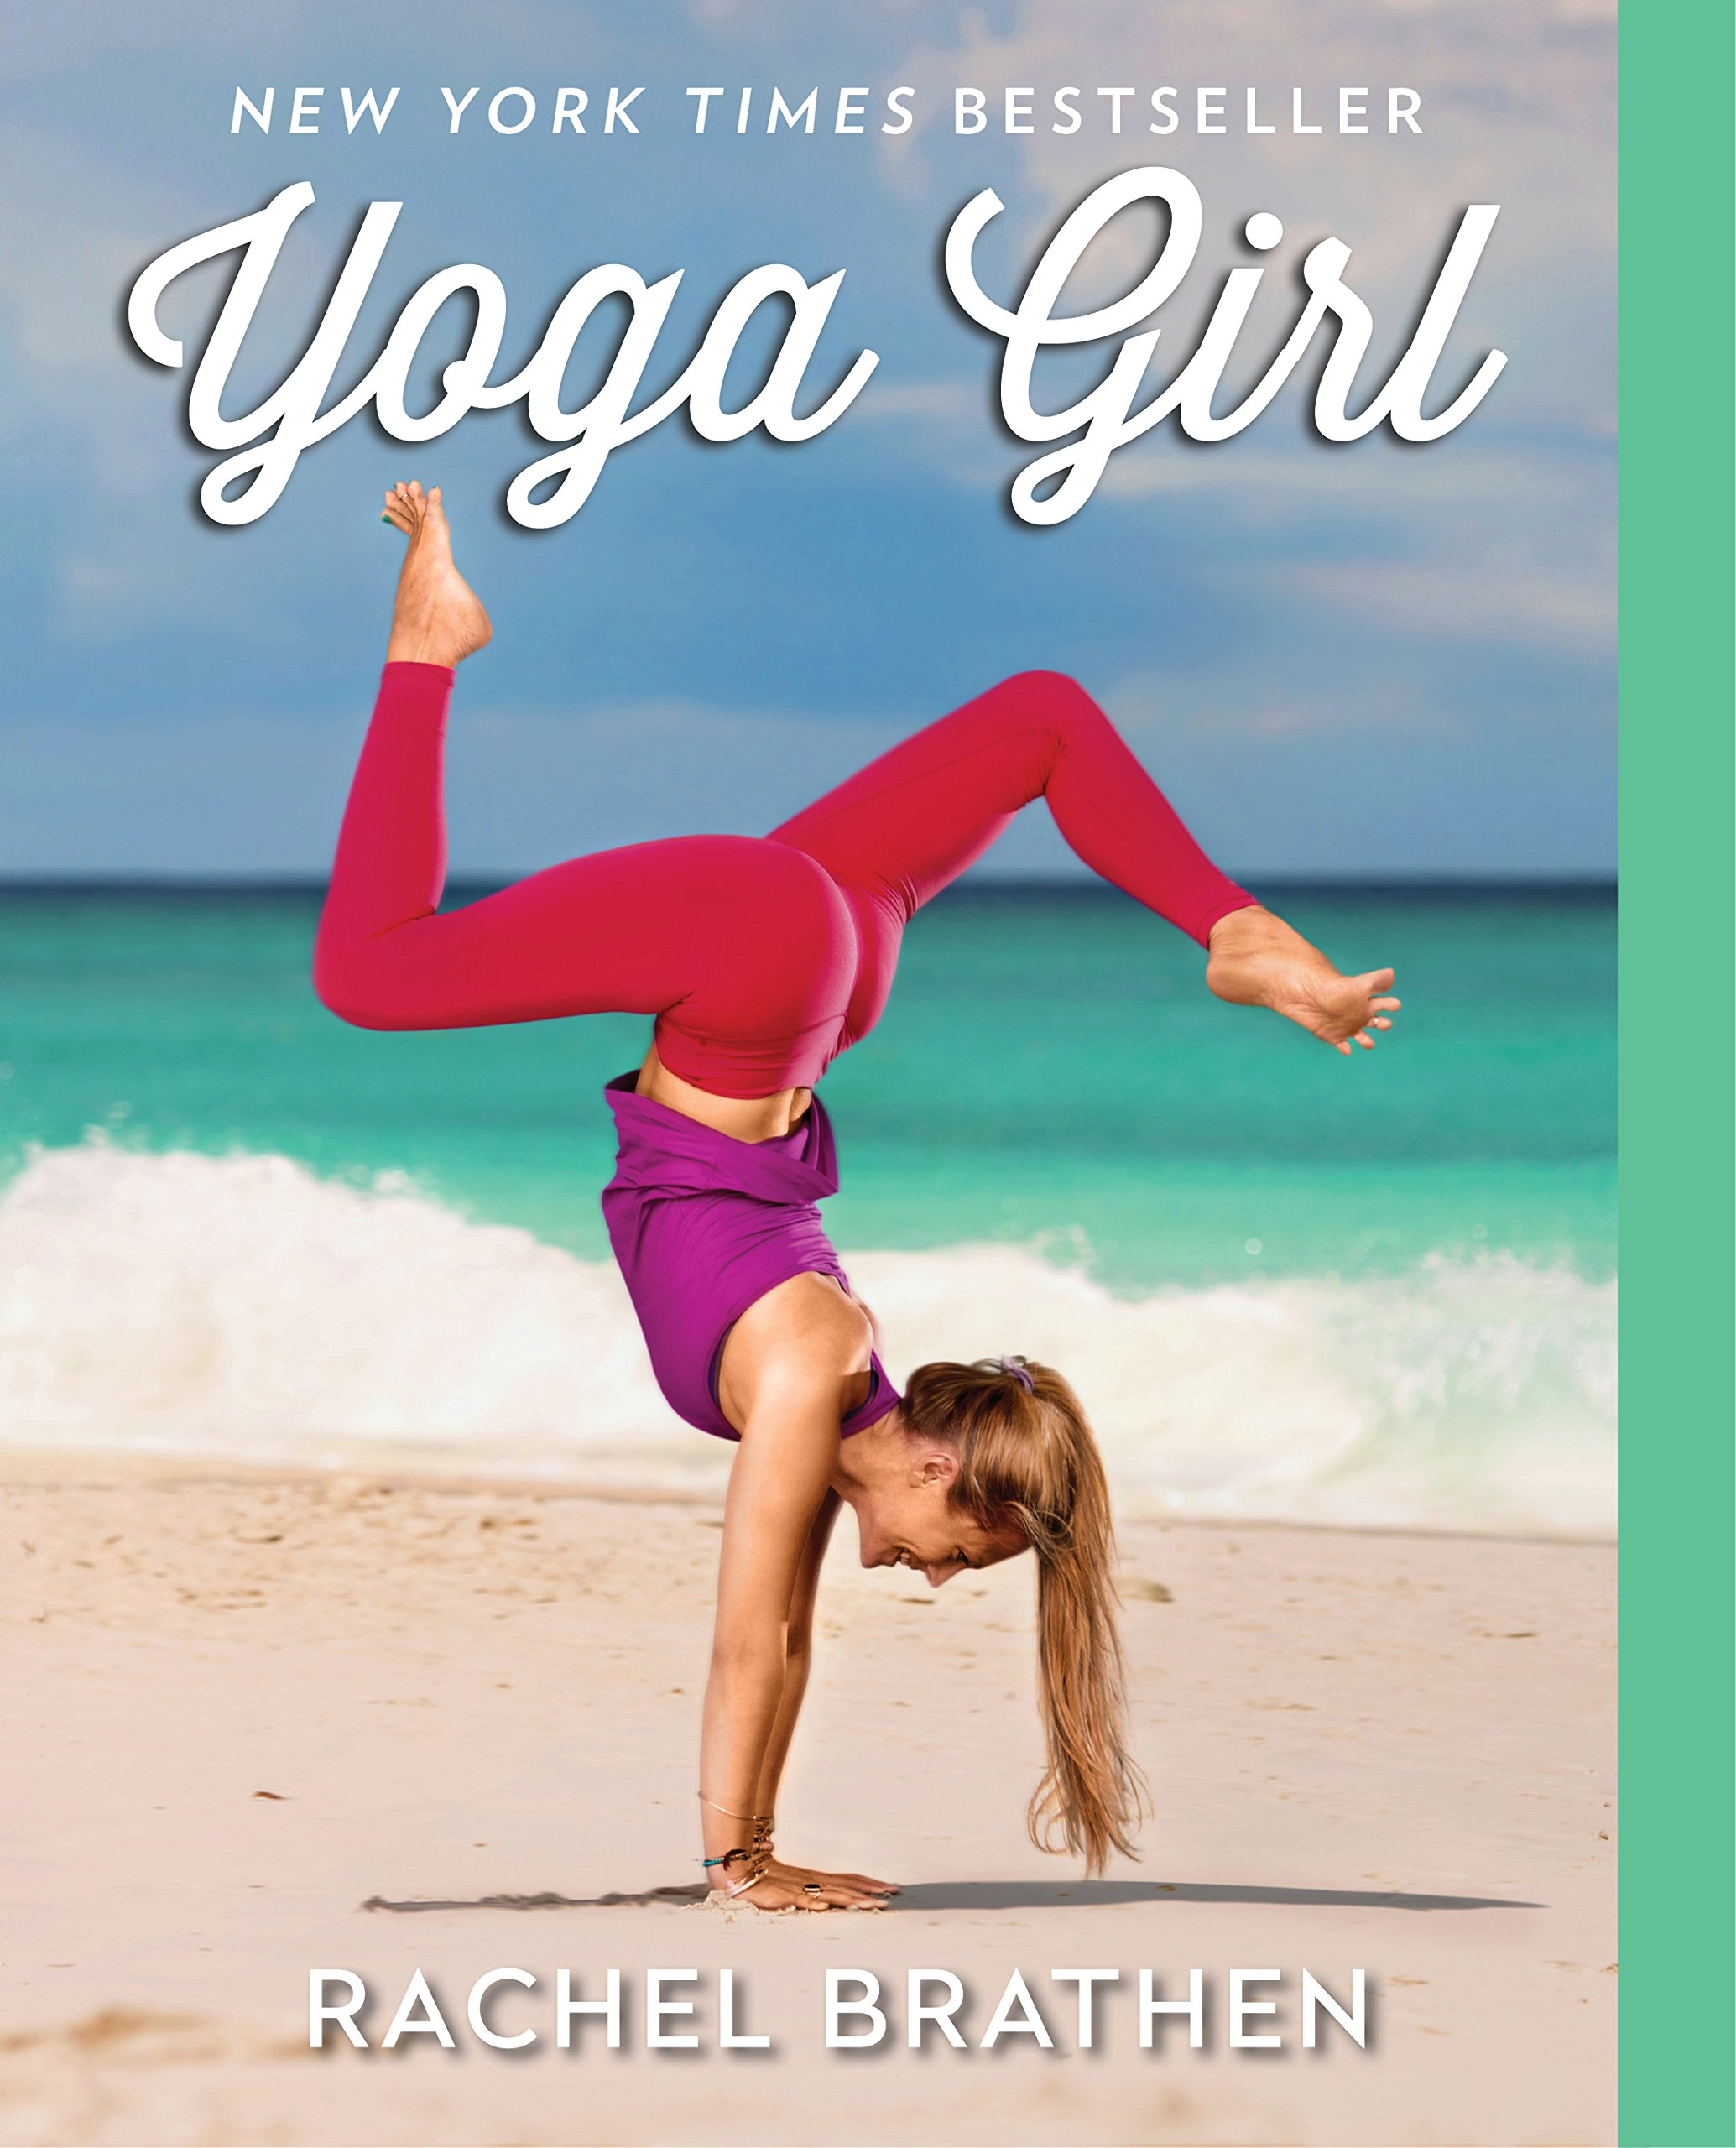 Yoga Girl Rachel Brathen product image